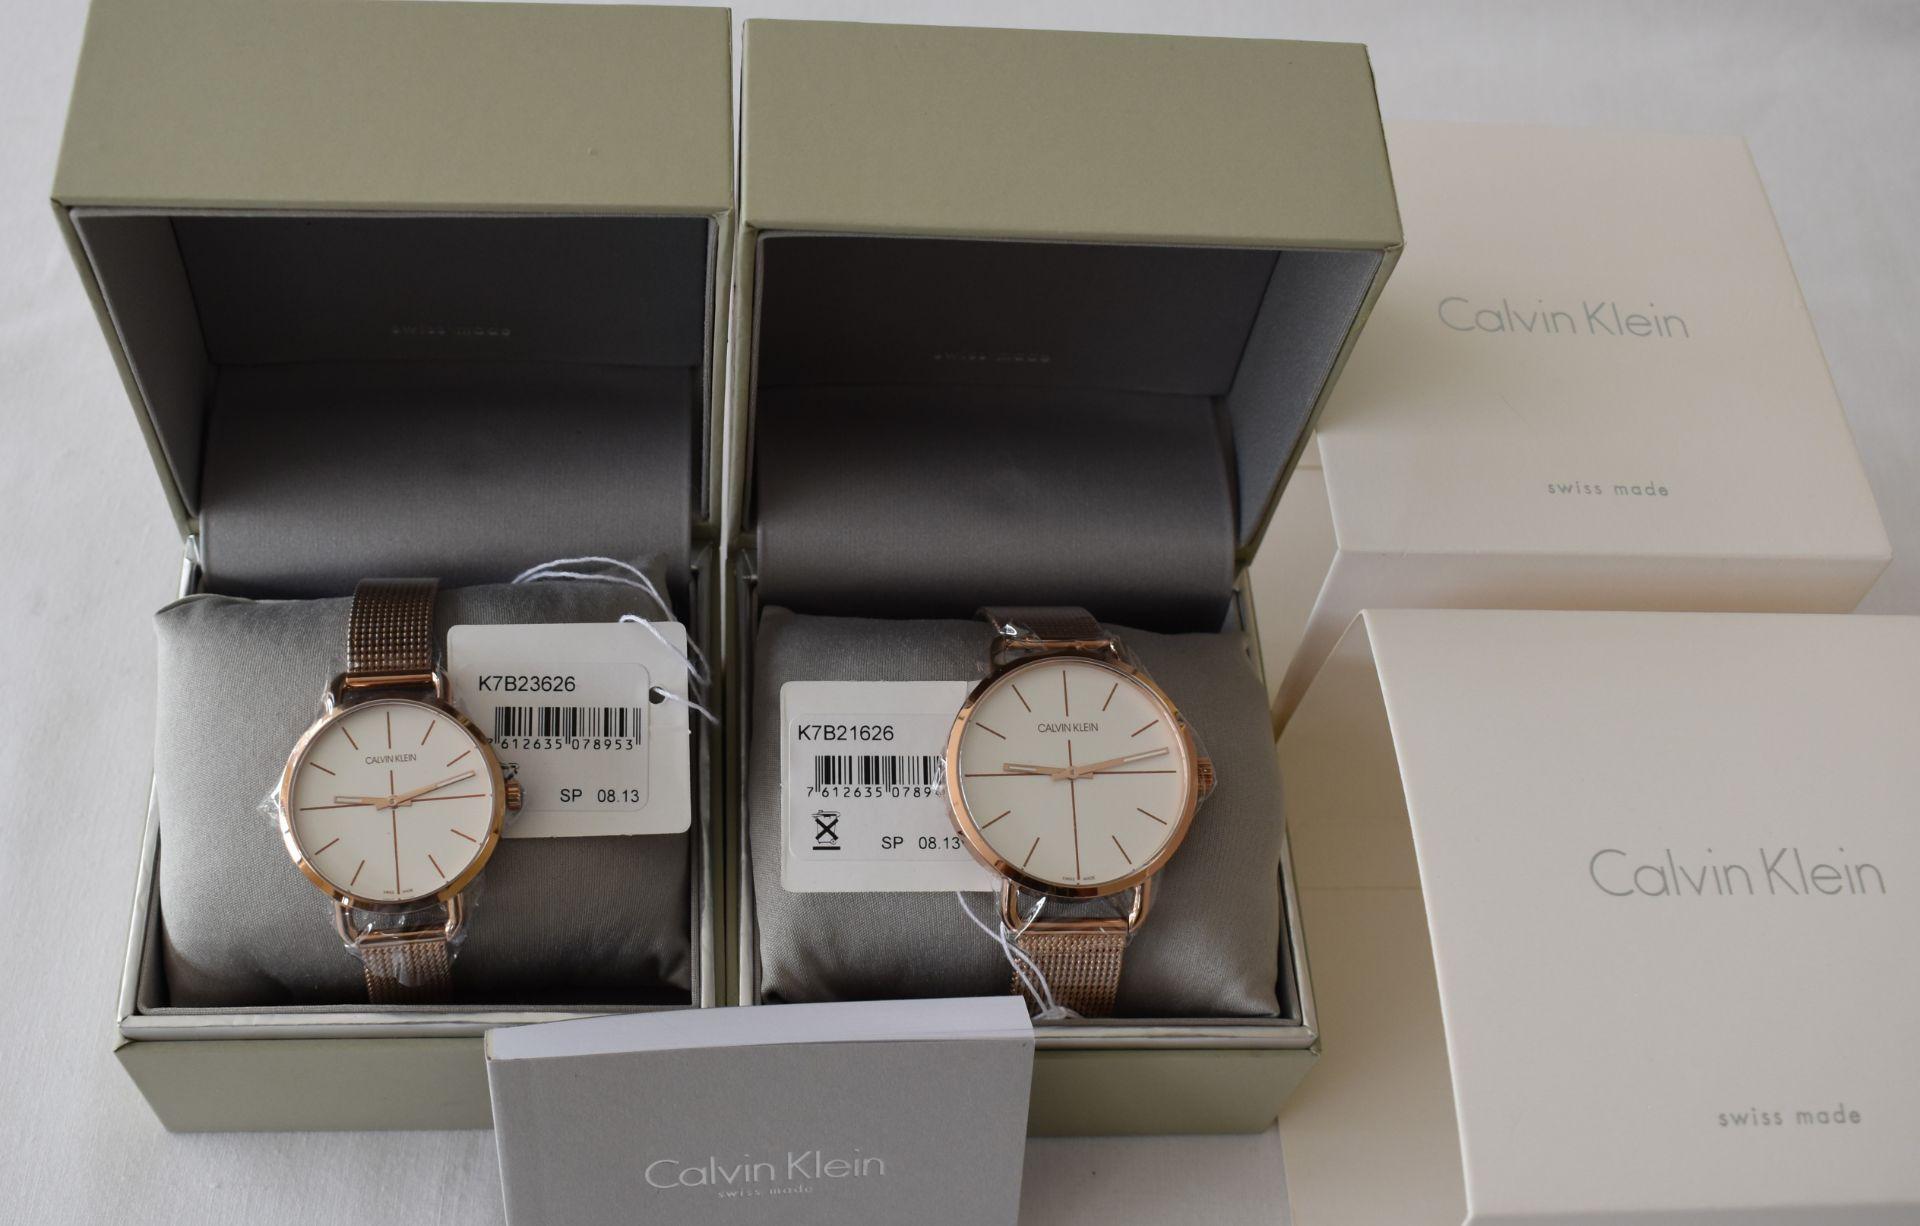 Calvin Klein His/Her K7B21626/K7B23626 Watches